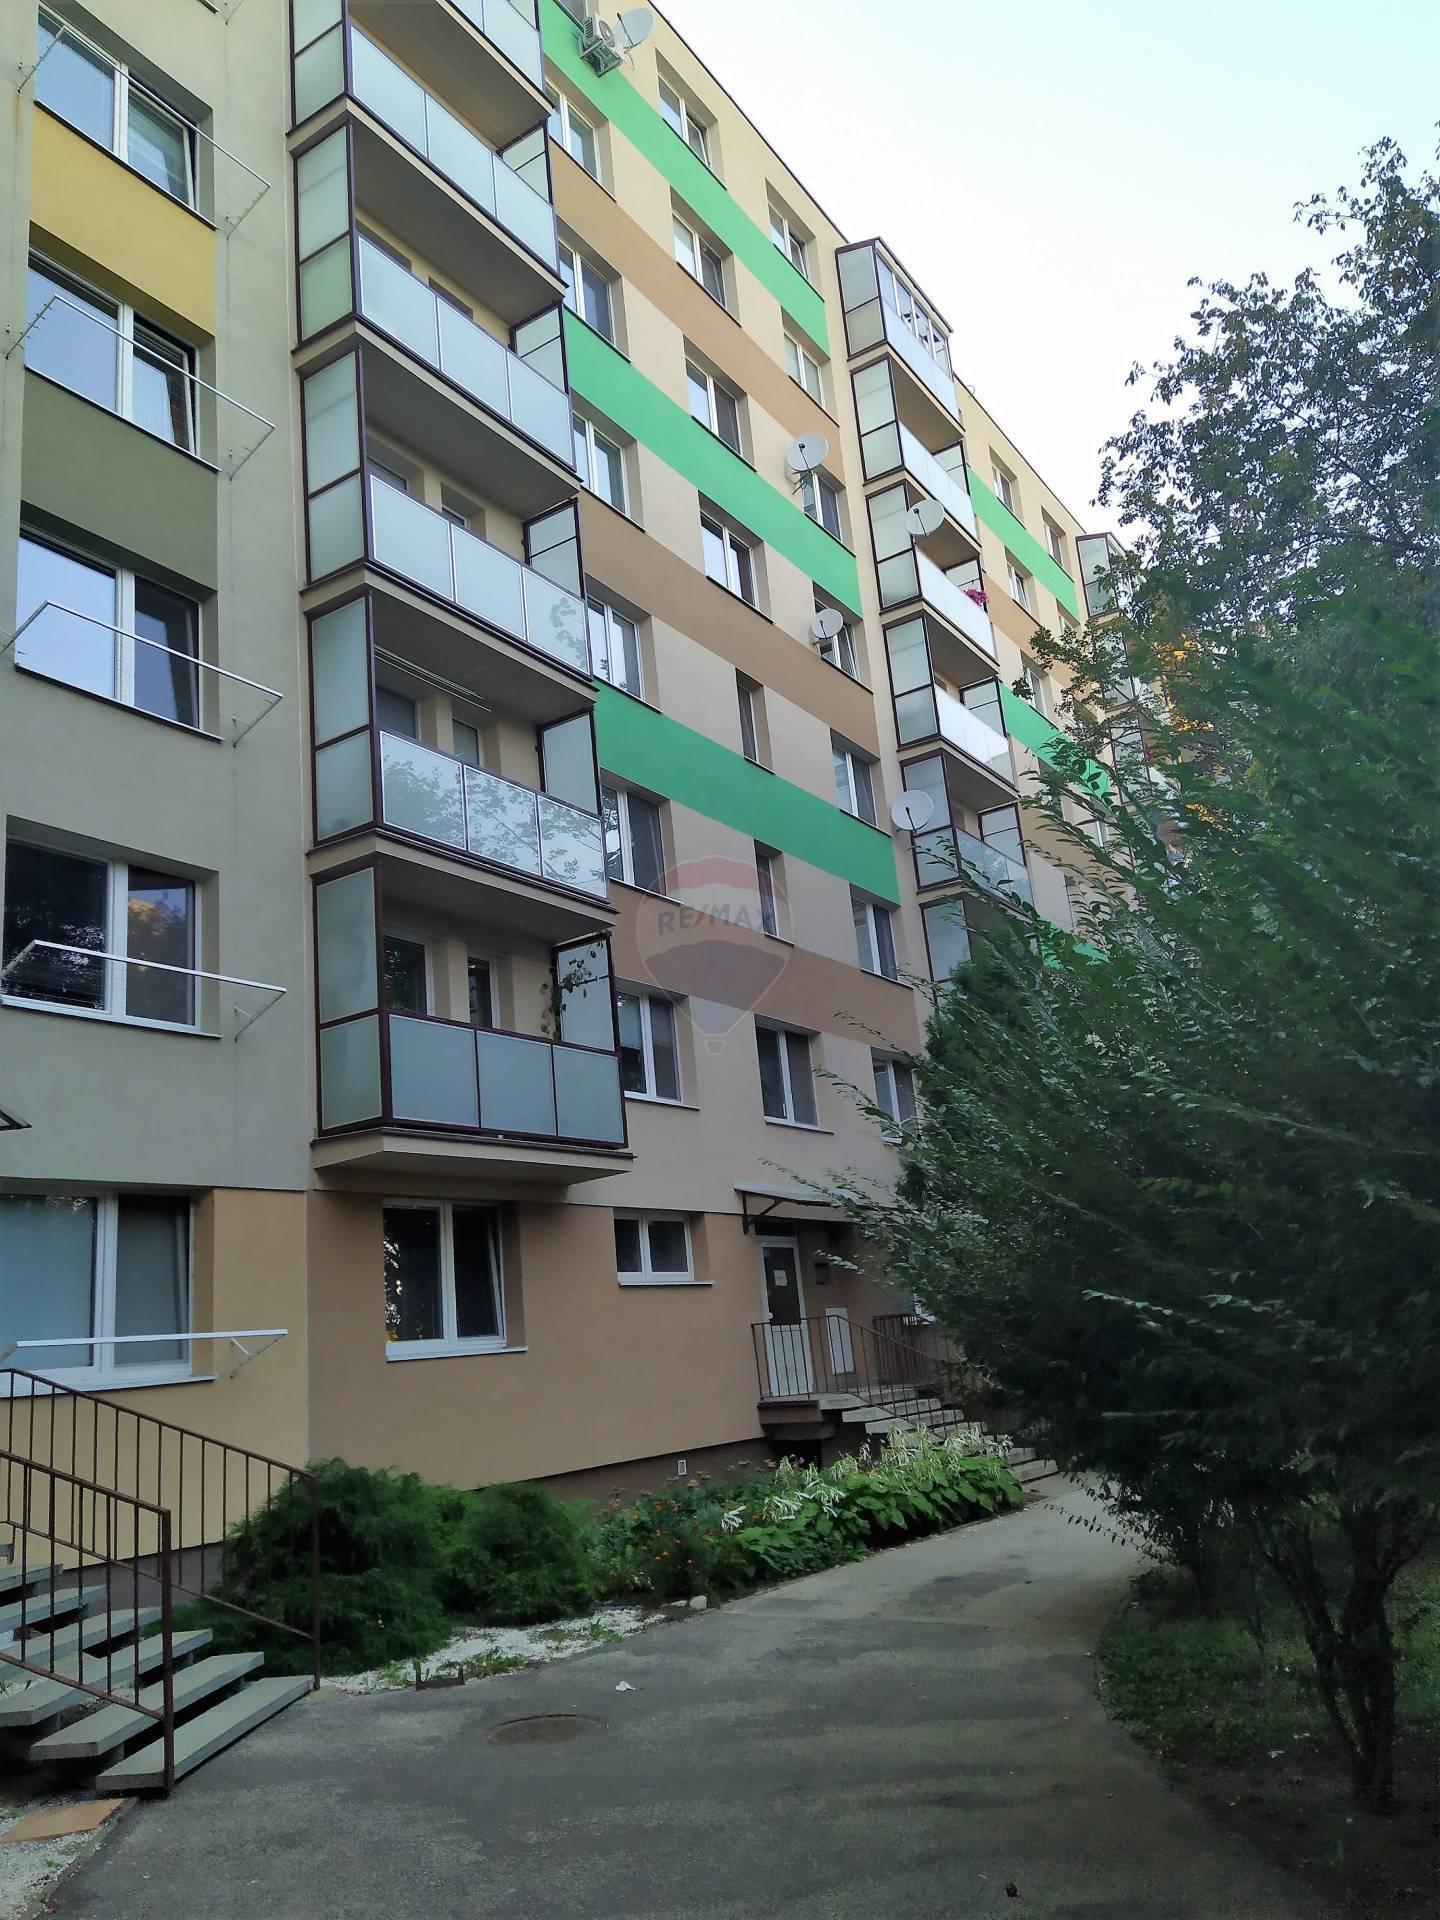 RE/MAX Exkluzívne predaj 1-izbový byt Trnava